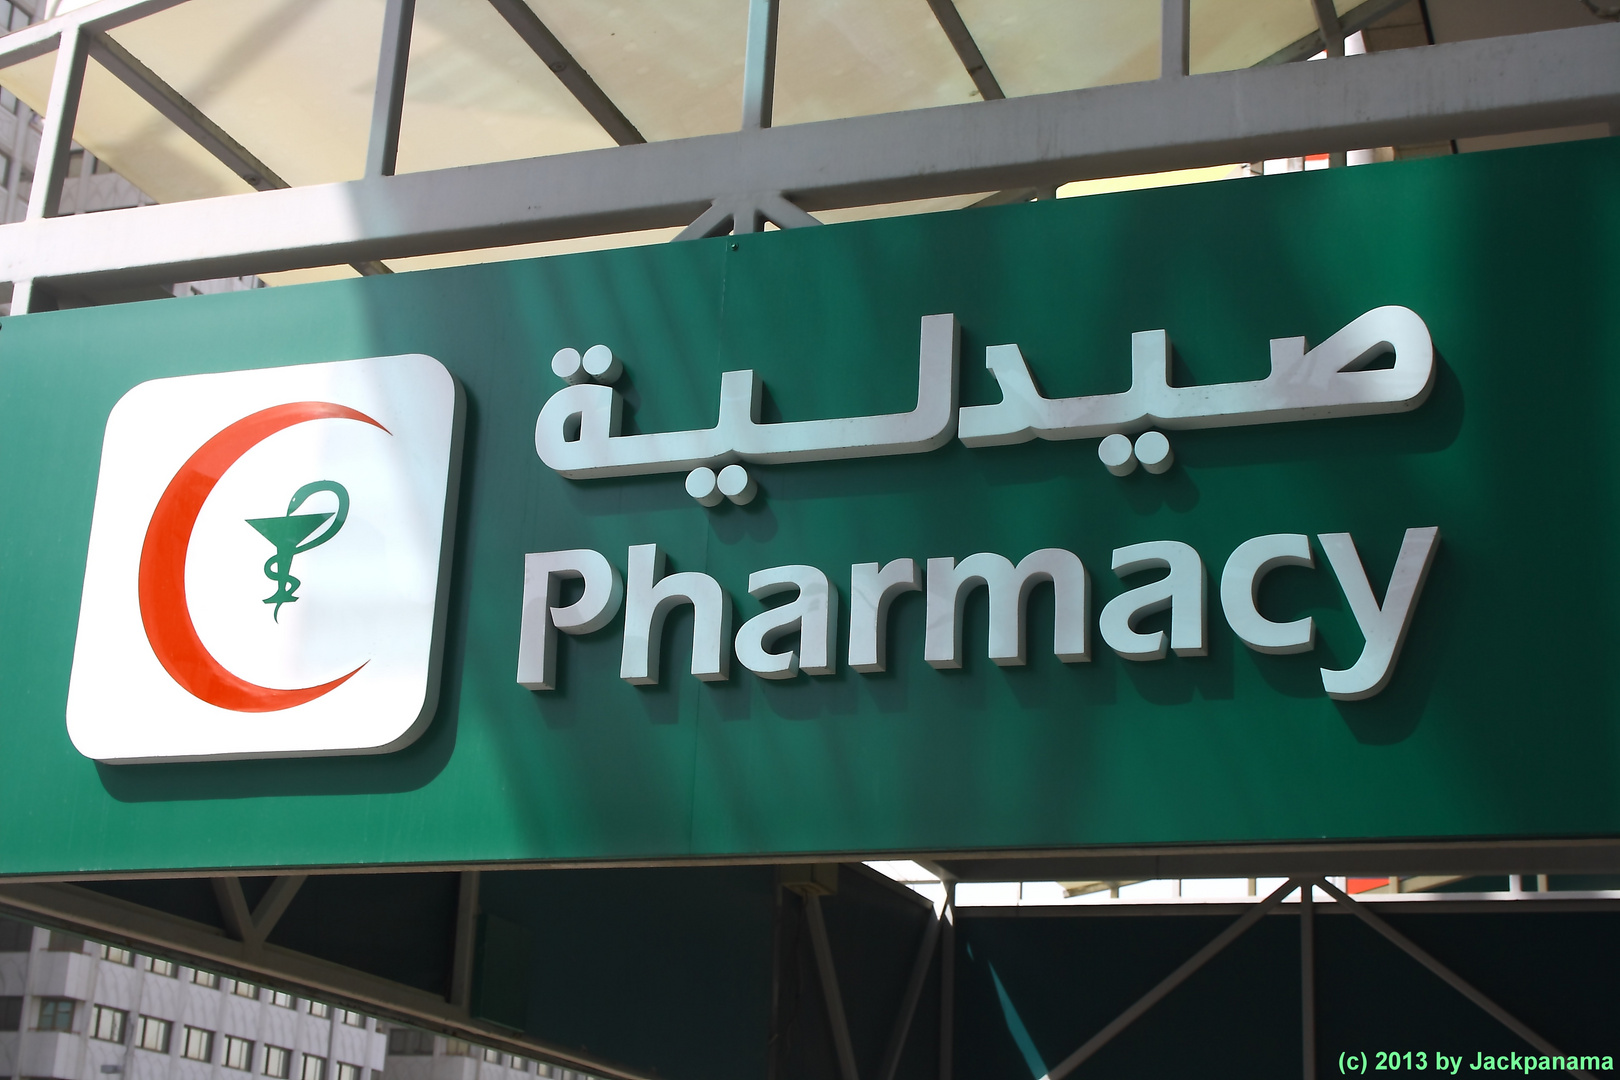 Apotheke auf Englisch und arabisch (gesehen in Abu Dhabi)